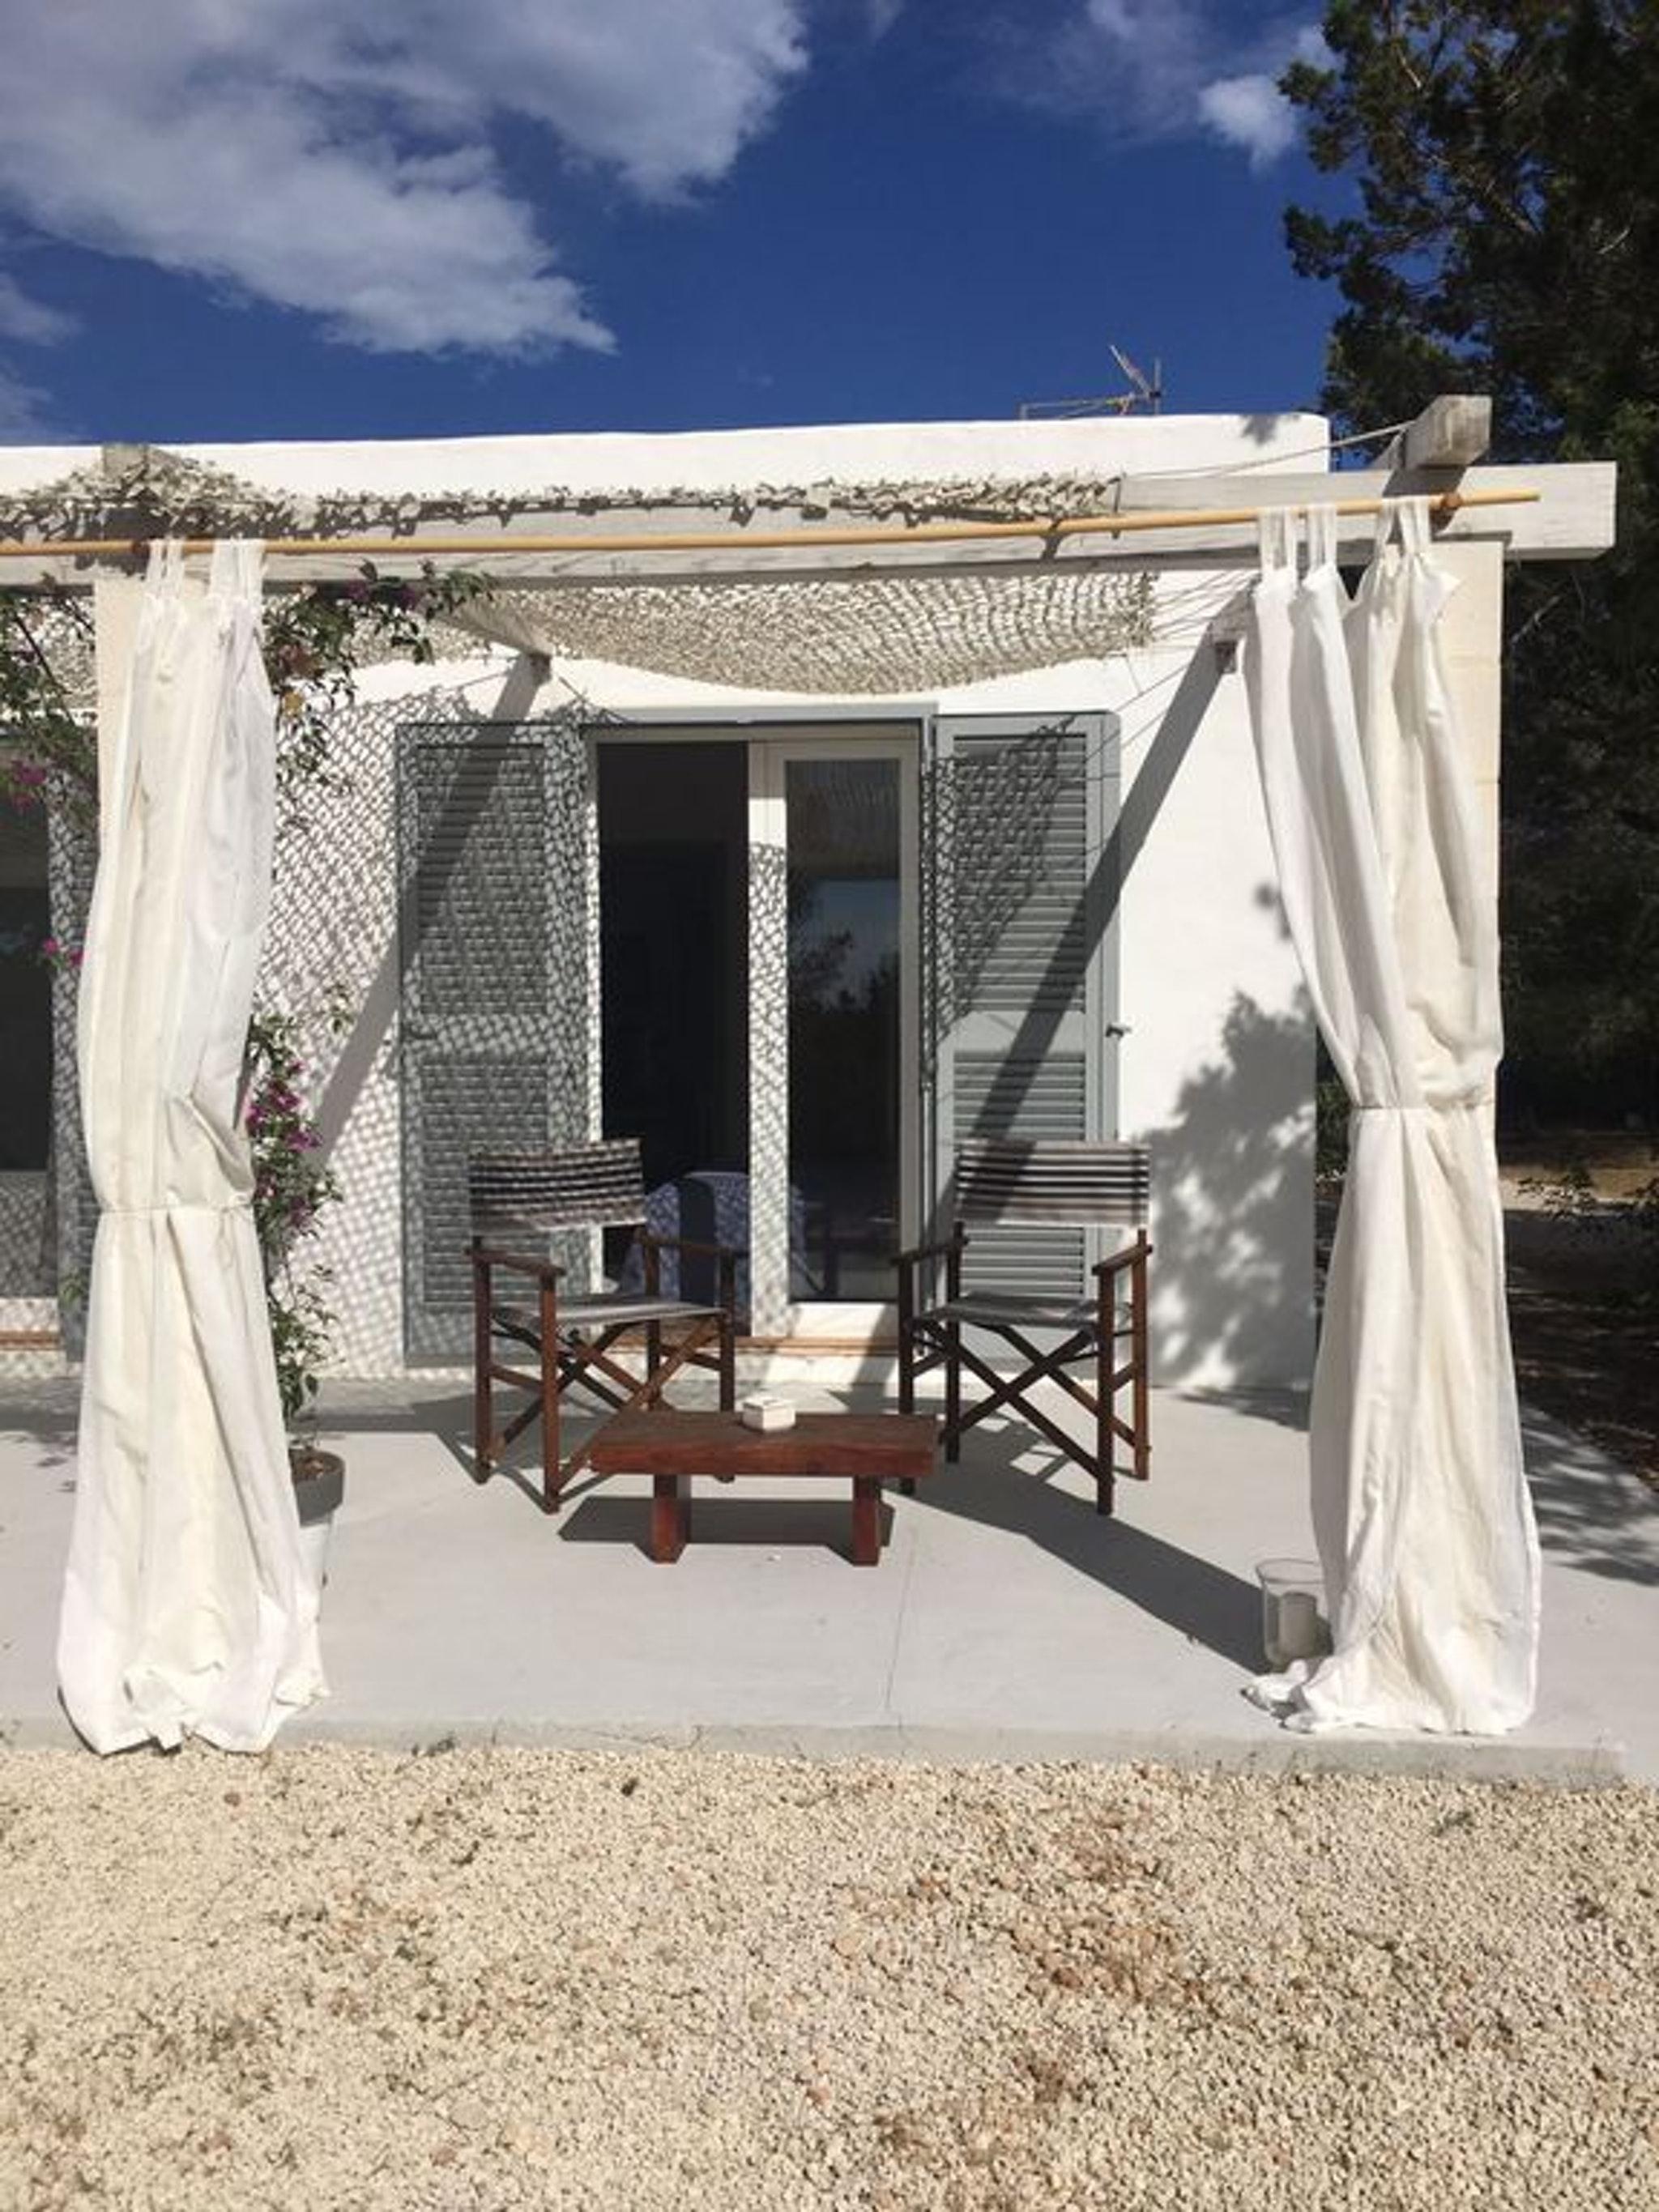 Maison de vacances Haus mit 3 Schlafzimmern in Formentera mit eingezäuntem Garten und W-LAN - 5 km vom Strand (2620580), San Francisco Javier, Formentera, Iles Baléares, Espagne, image 7